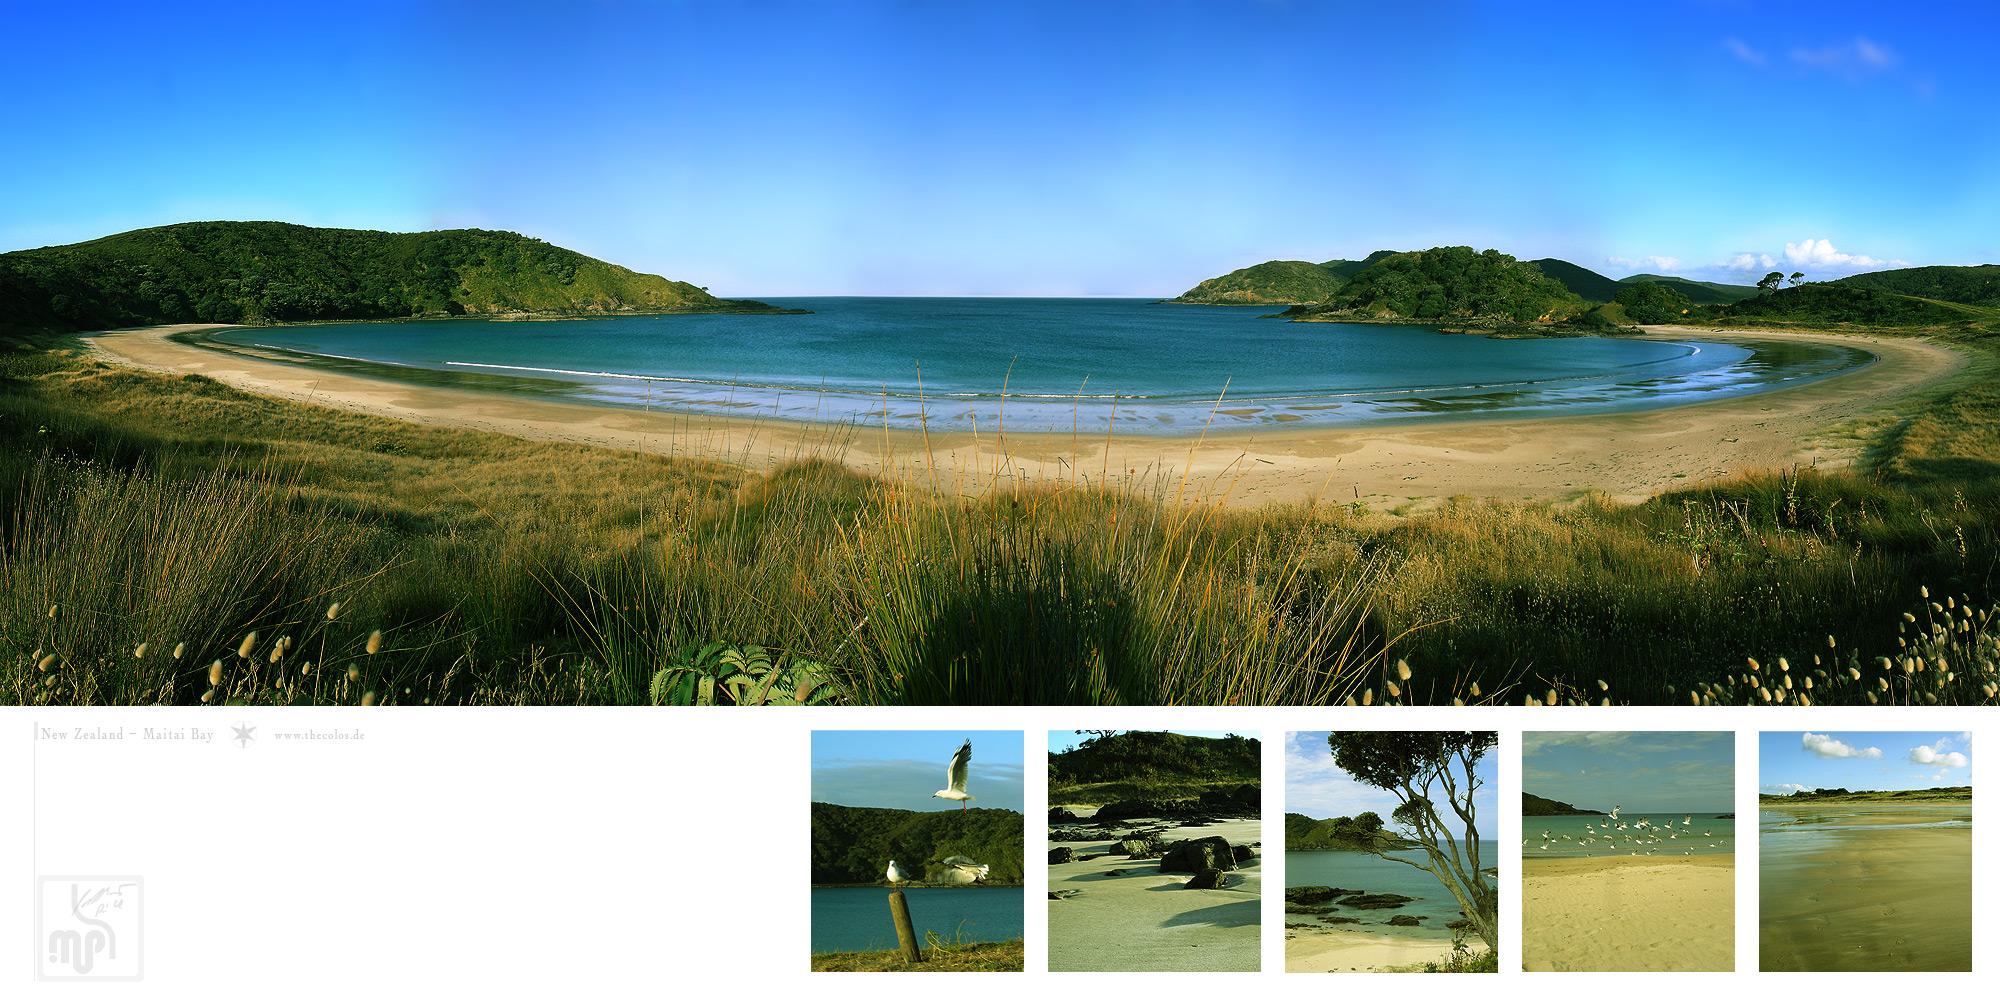 New Zealnd - Maitai Bay